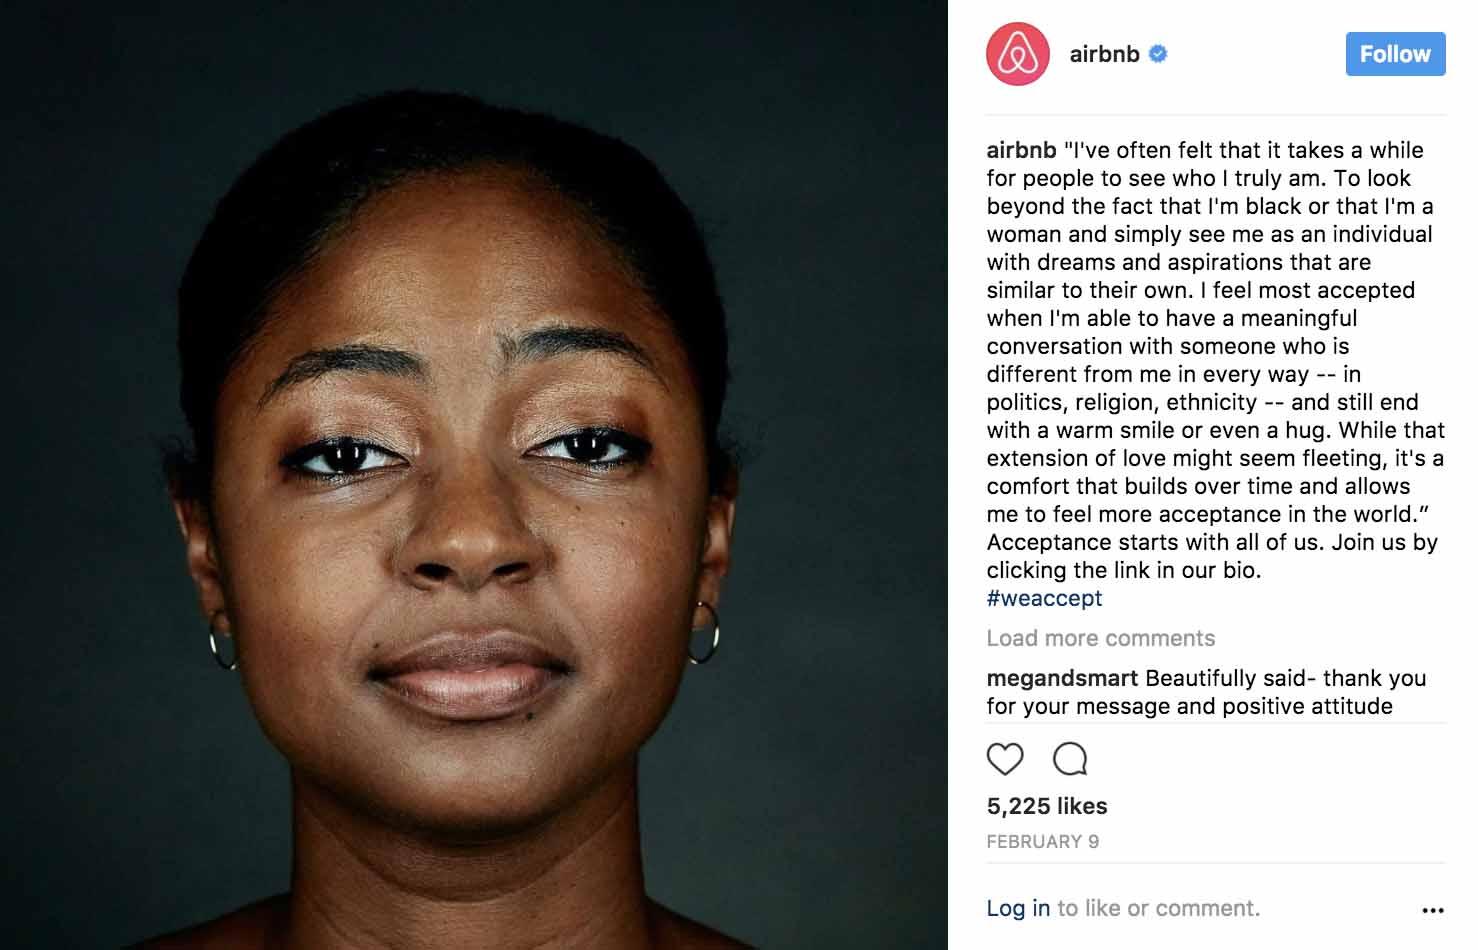 Instagram Marketing 2017 - Airbnb - Sked Social